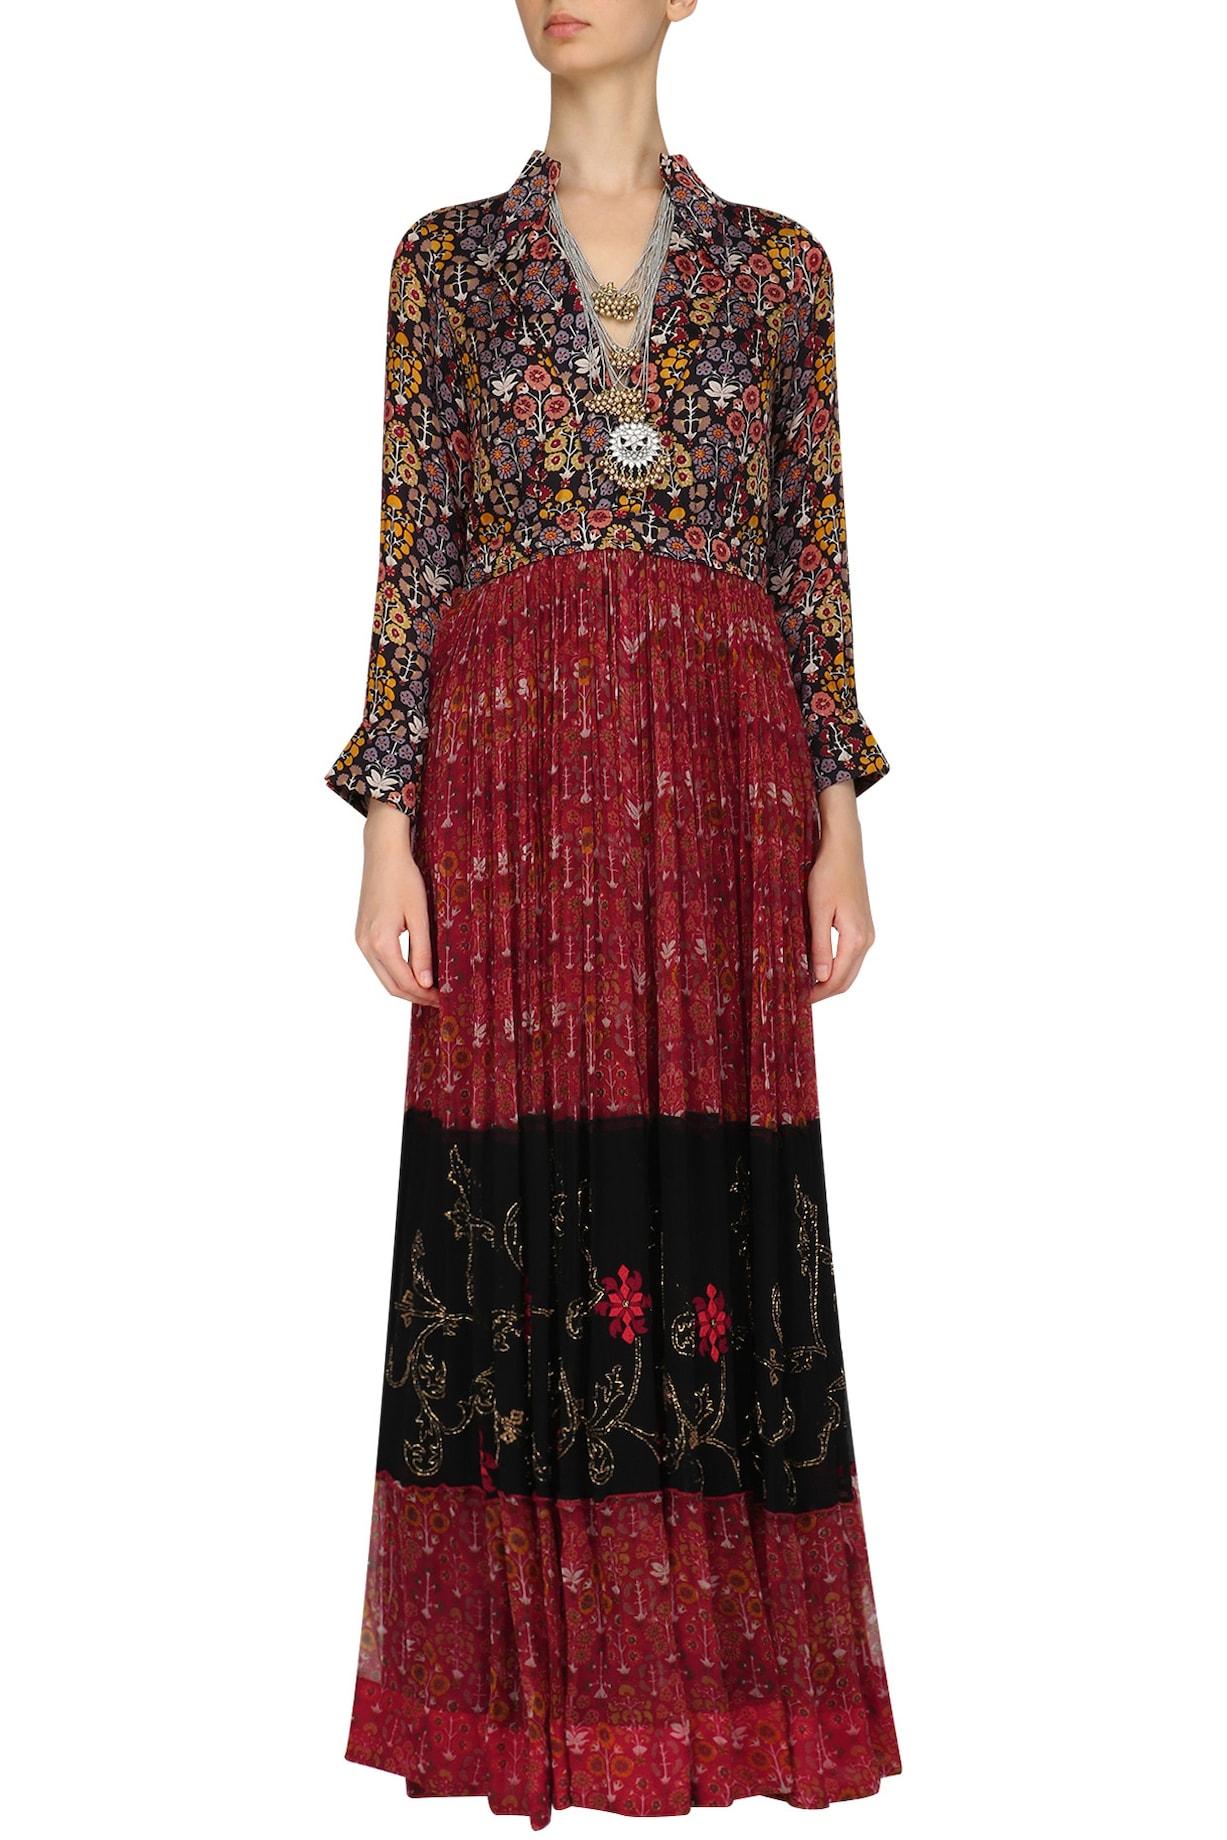 Pallavi Jaipur Dresses